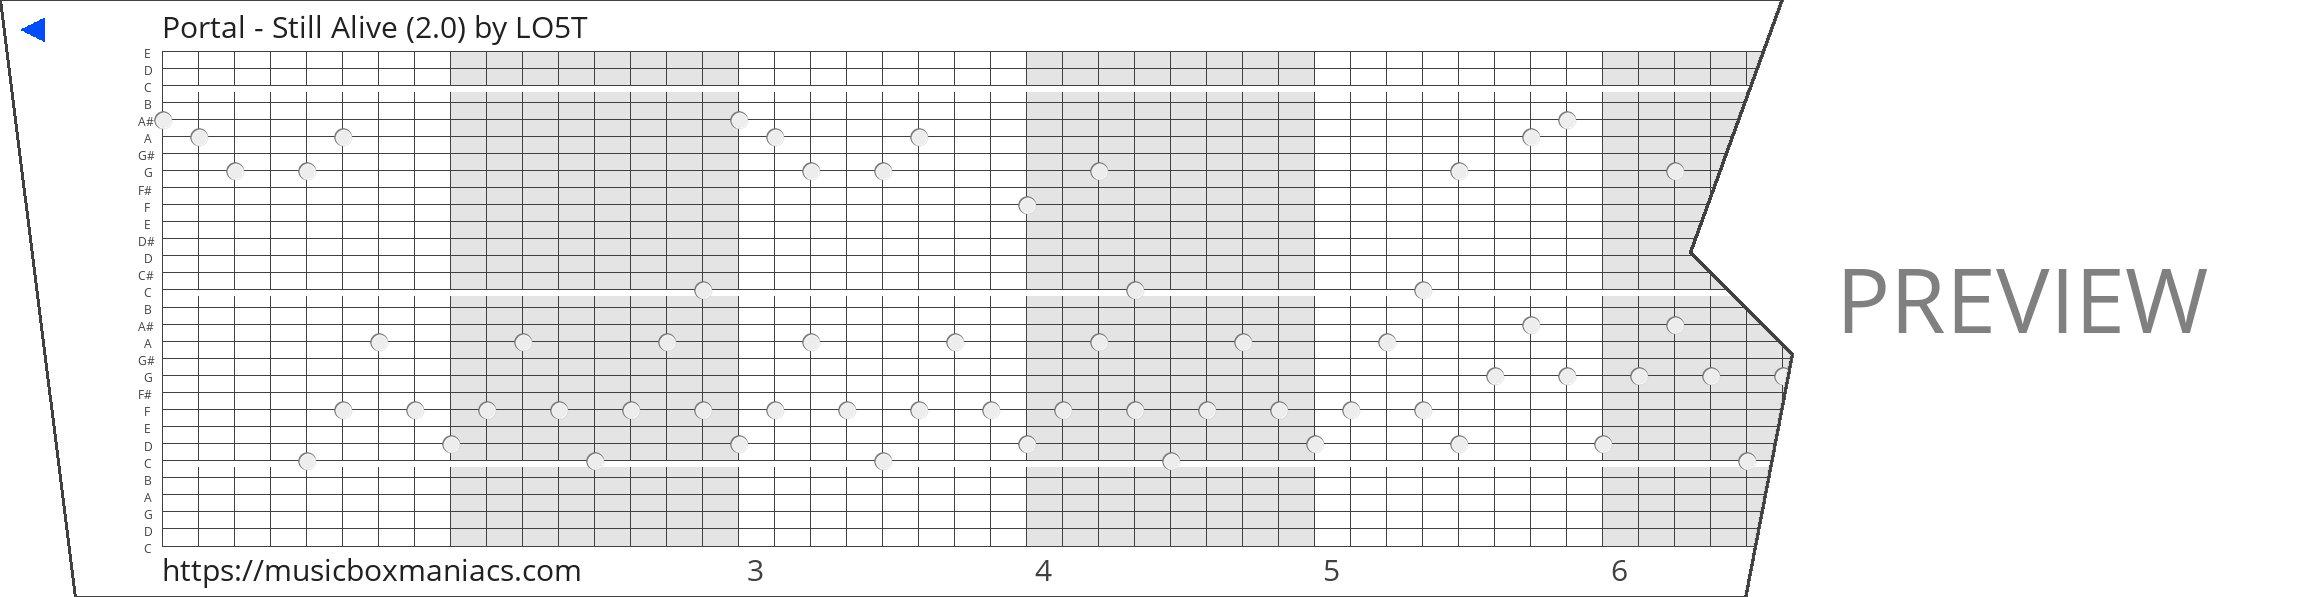 Portal - Still Alive (2.0) 30 note music box paper strip